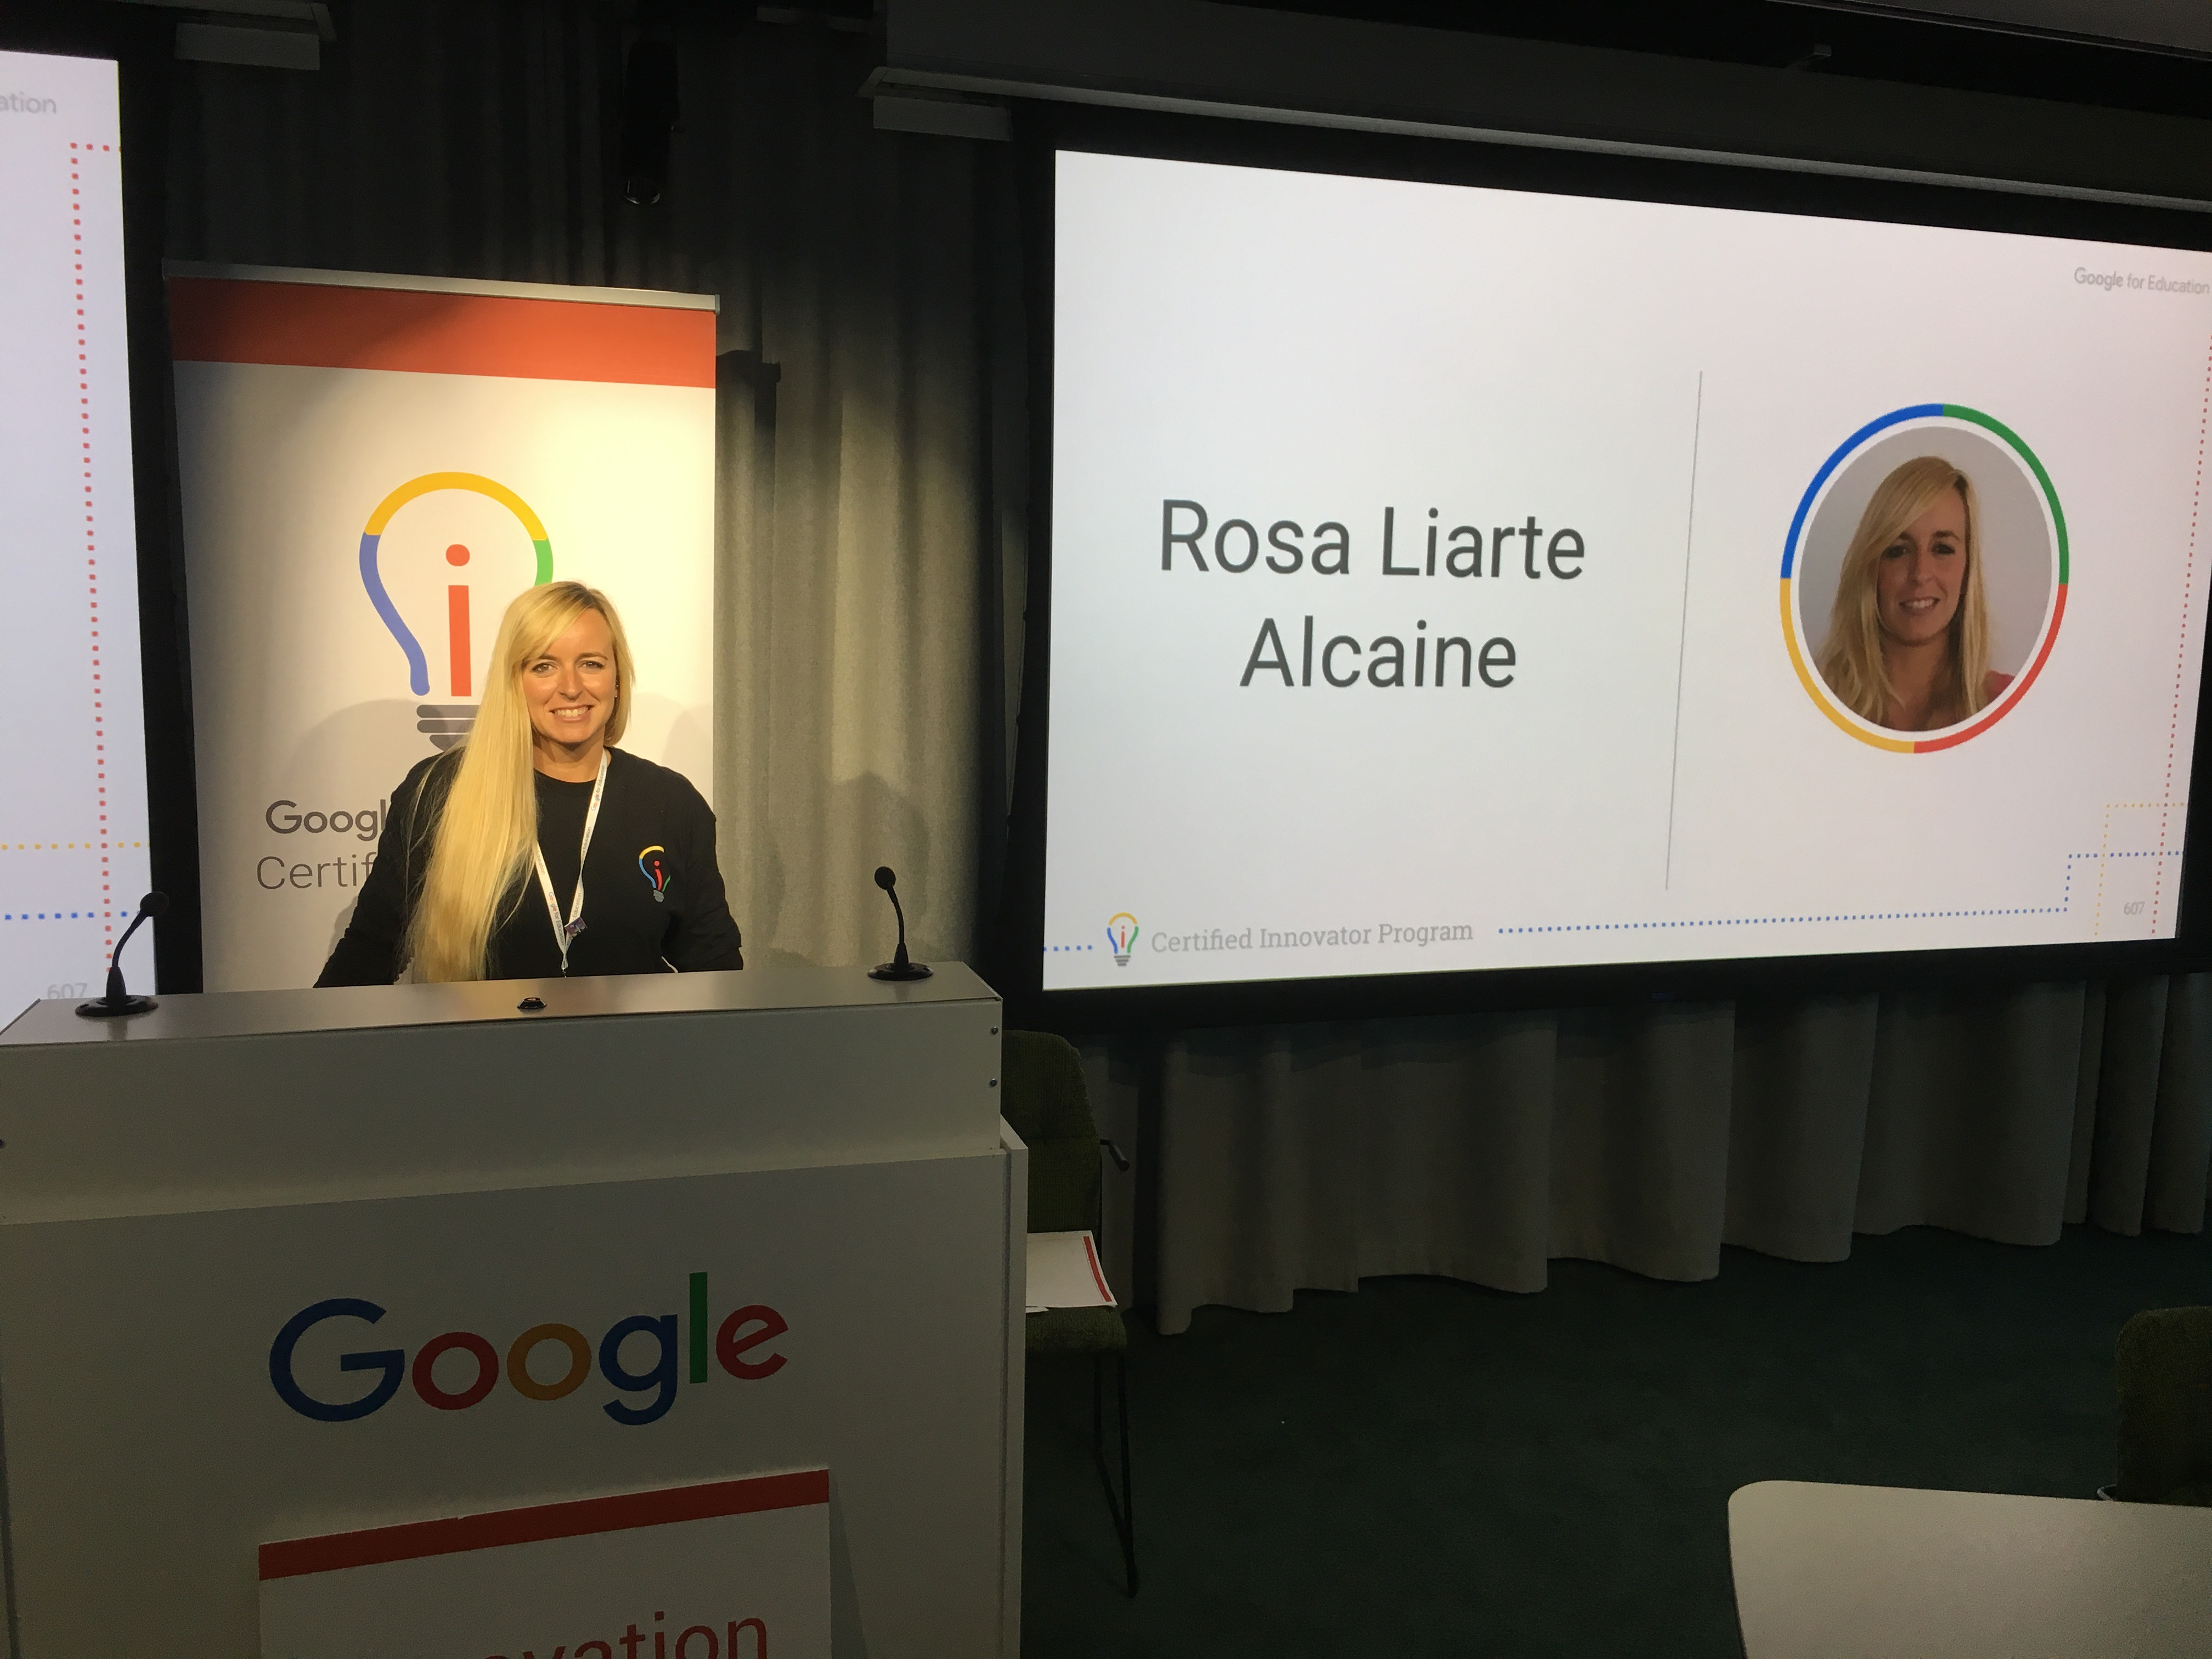 Mi experiencia en el evento de Google Innovator